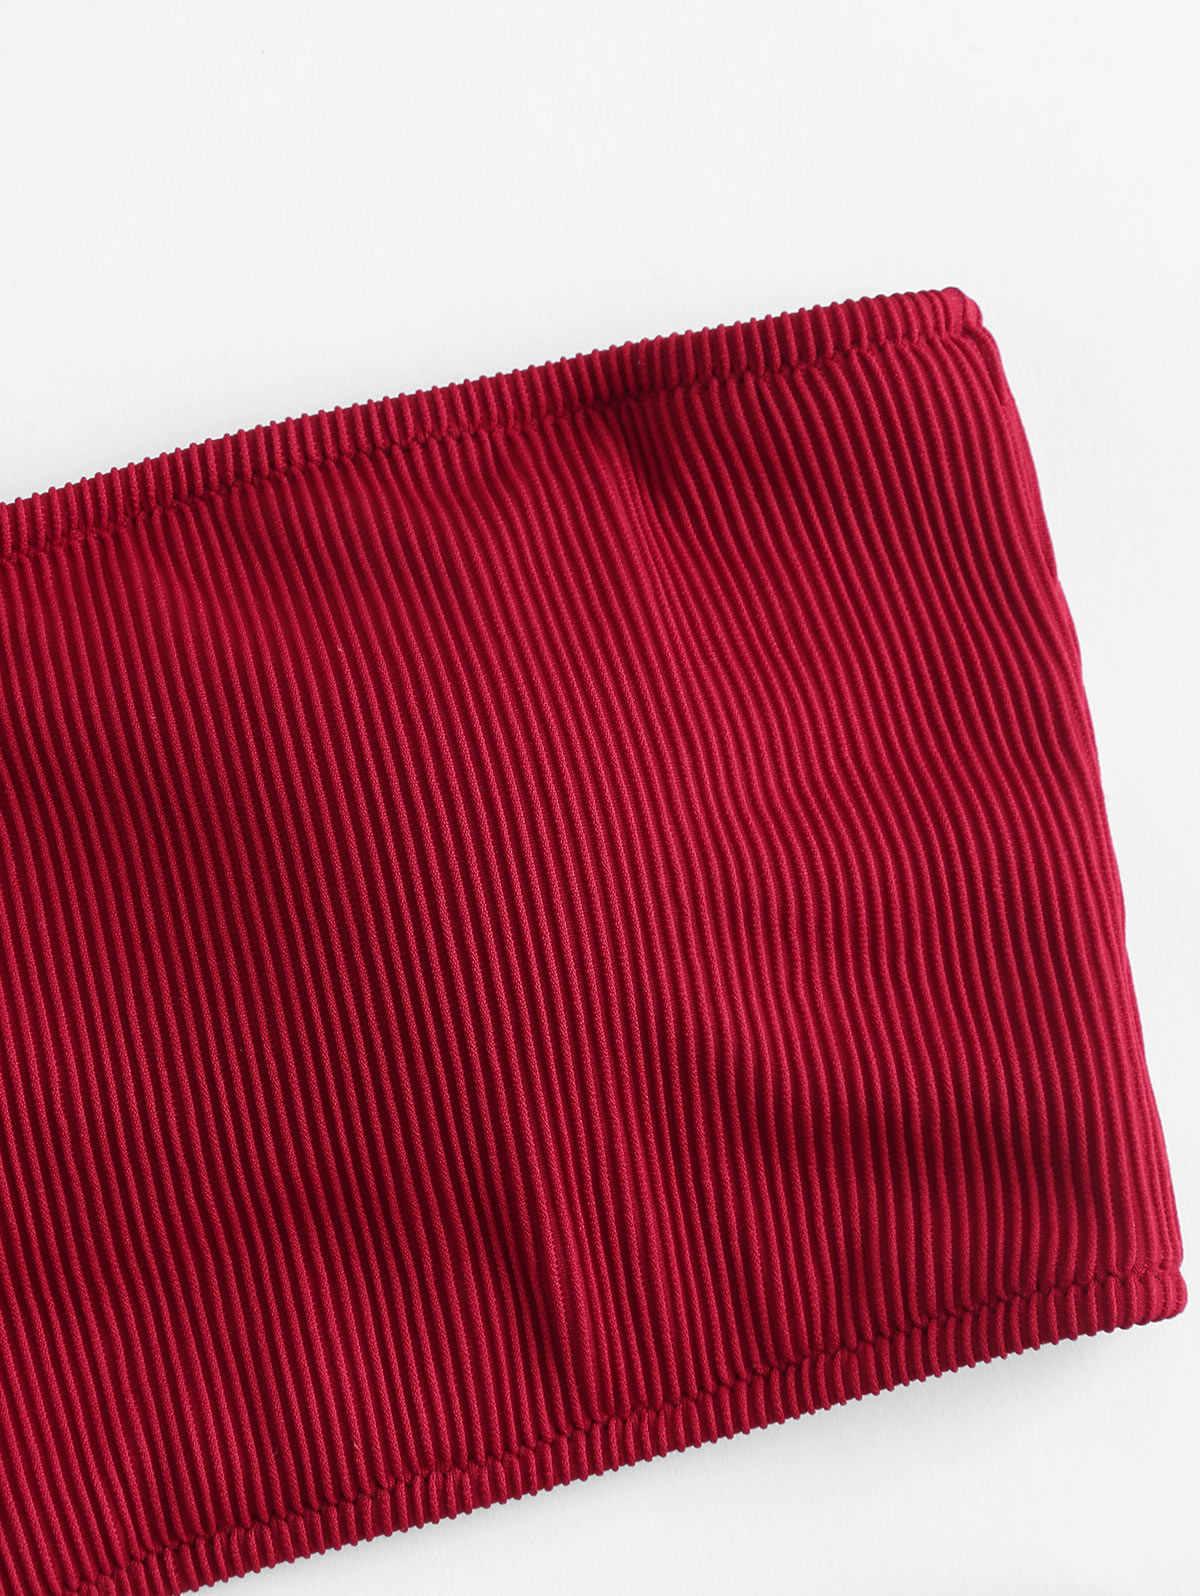 ZAFUL jednolity kolor regulowane paski Bandeau stringi Bikini Set lato tekstura biquini klocki Sport strój kąpielowy plaża stroje kąpielowe